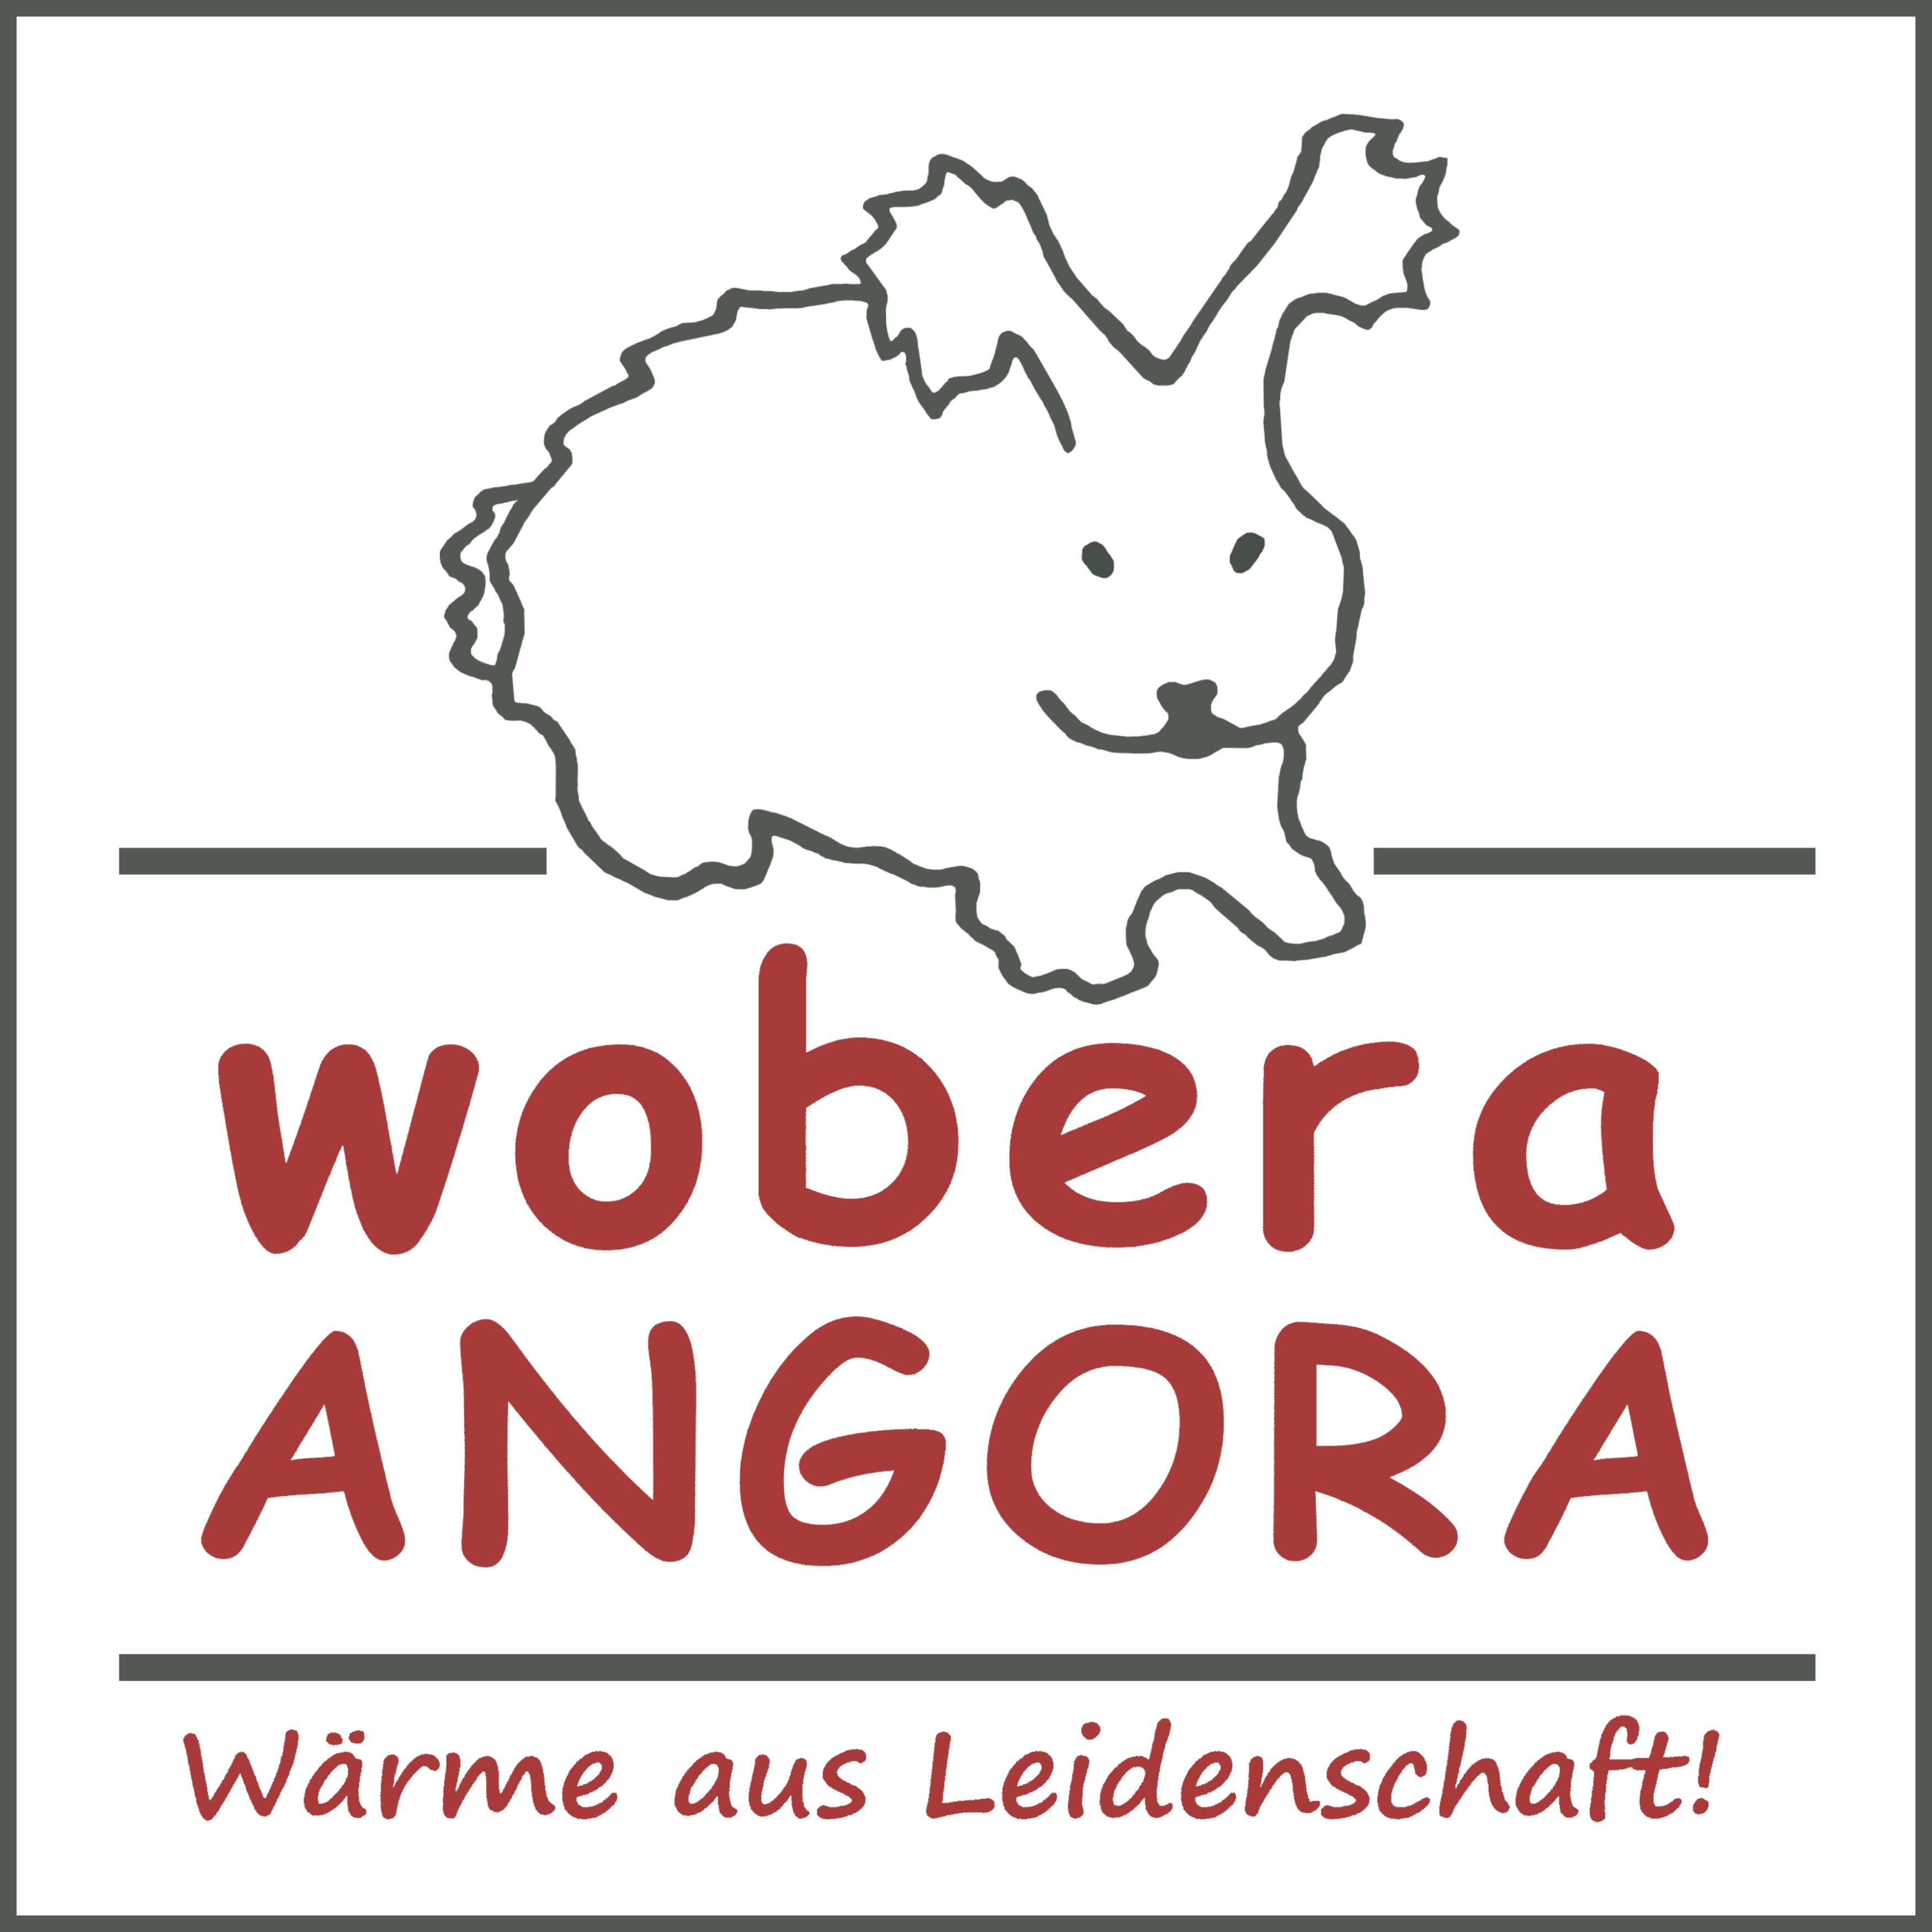 ideal auch f/ür Blasenentz/ündung und Hexenschuss // R/ückenschmerzen // Menstruationsbeschwerden schwarz Nierenw/ärmer // Bauchw/ärmer // R/ückenw/ärmer Angora Wolle Gr/ö/ße: Damen Frauen XS